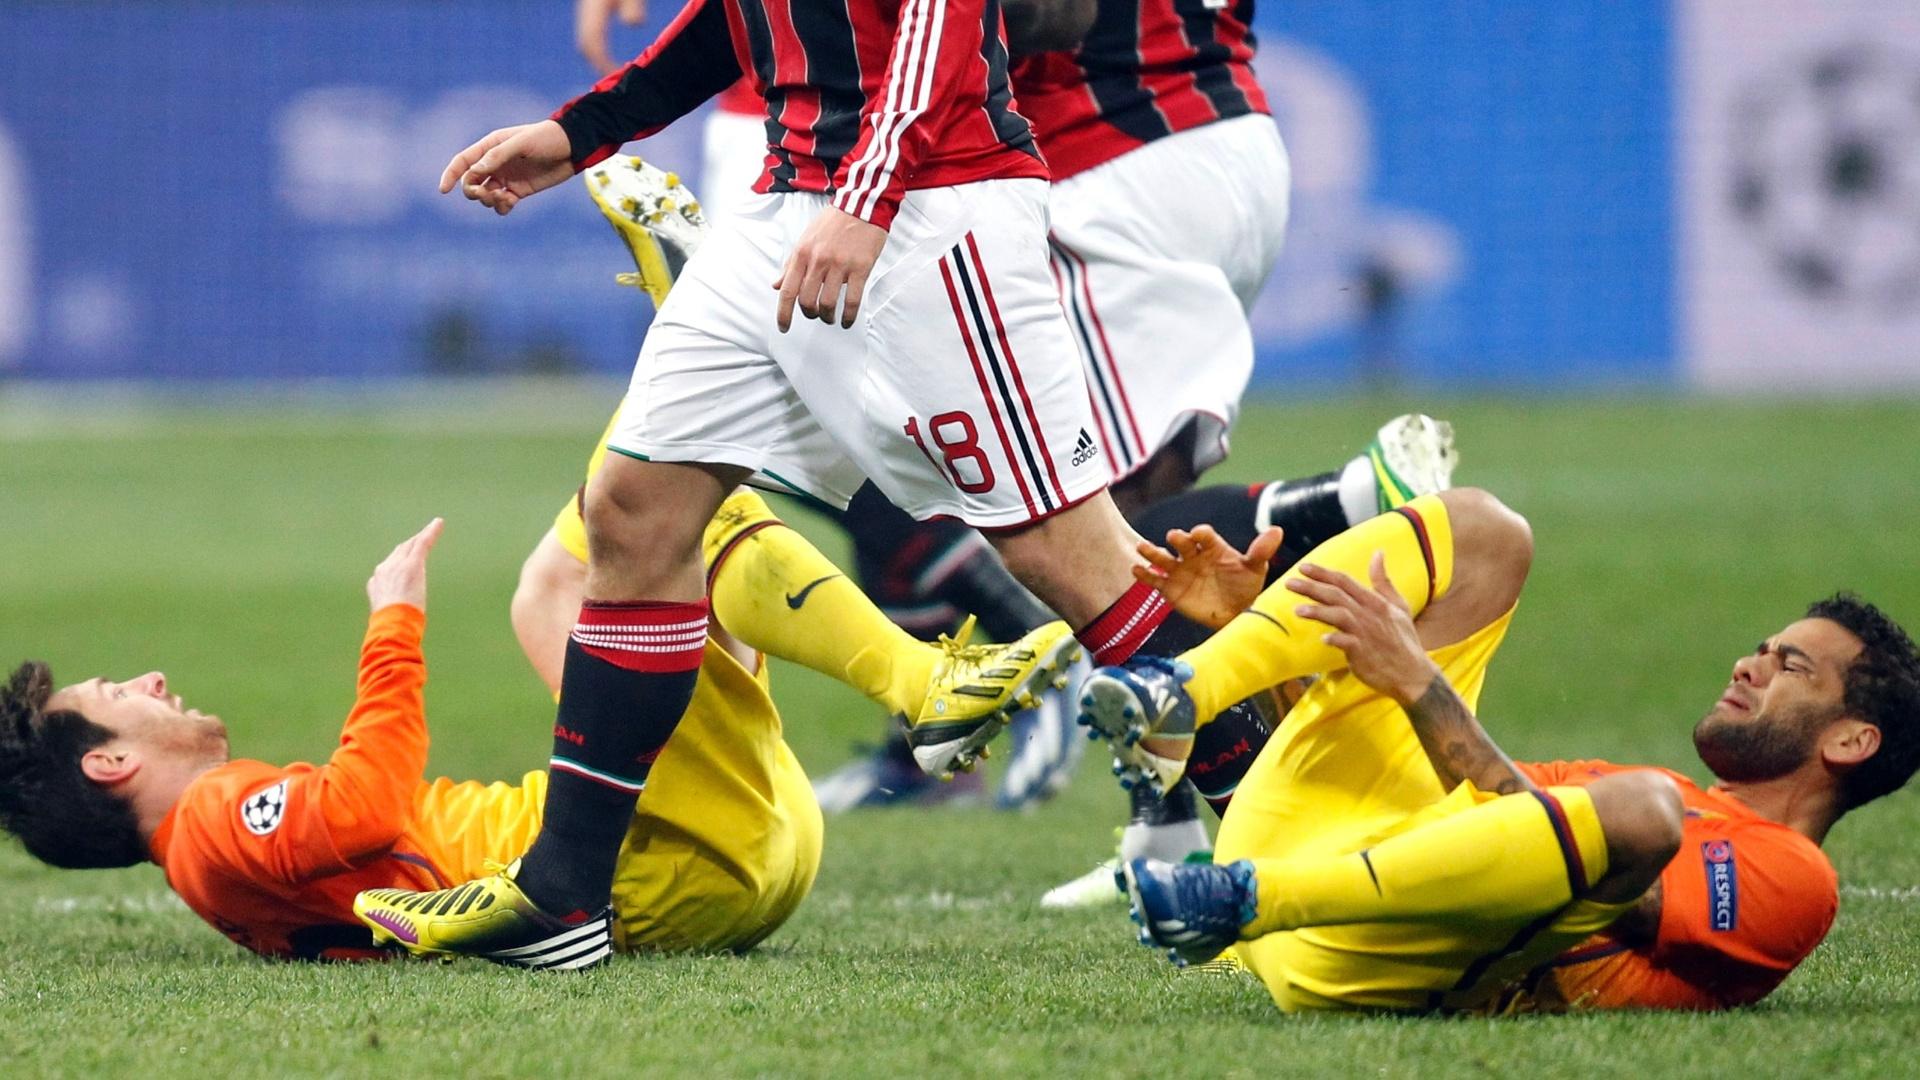 20.fev.2013 - Montolivo, do Milan, passa por Messi (esq.) e Daniel Alves (dir), caídos no gramado